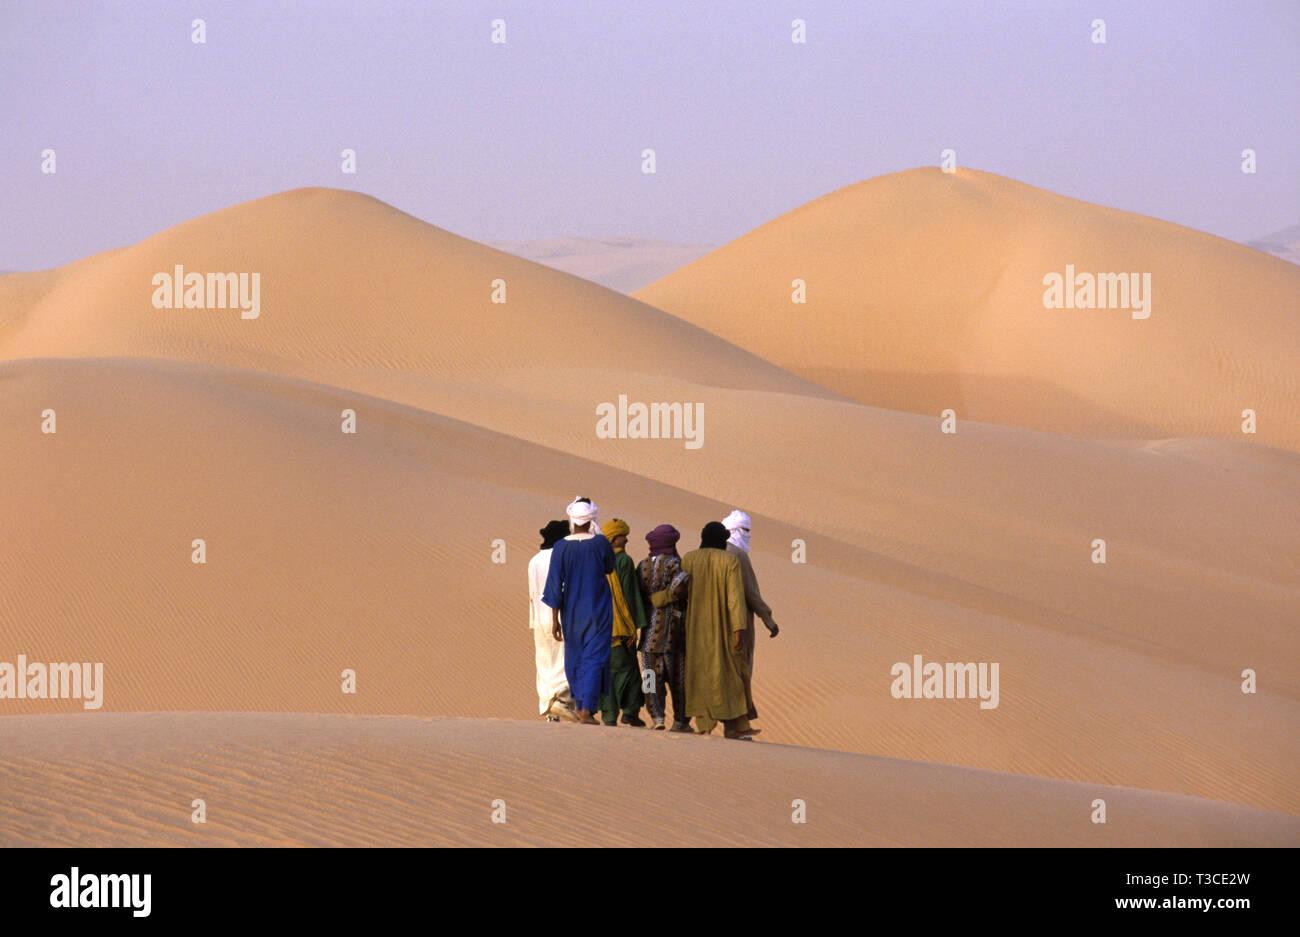 Gruppo di uomini Tuareg escursioni attraverso il deserto del Sahara, Algeria Immagini Stock